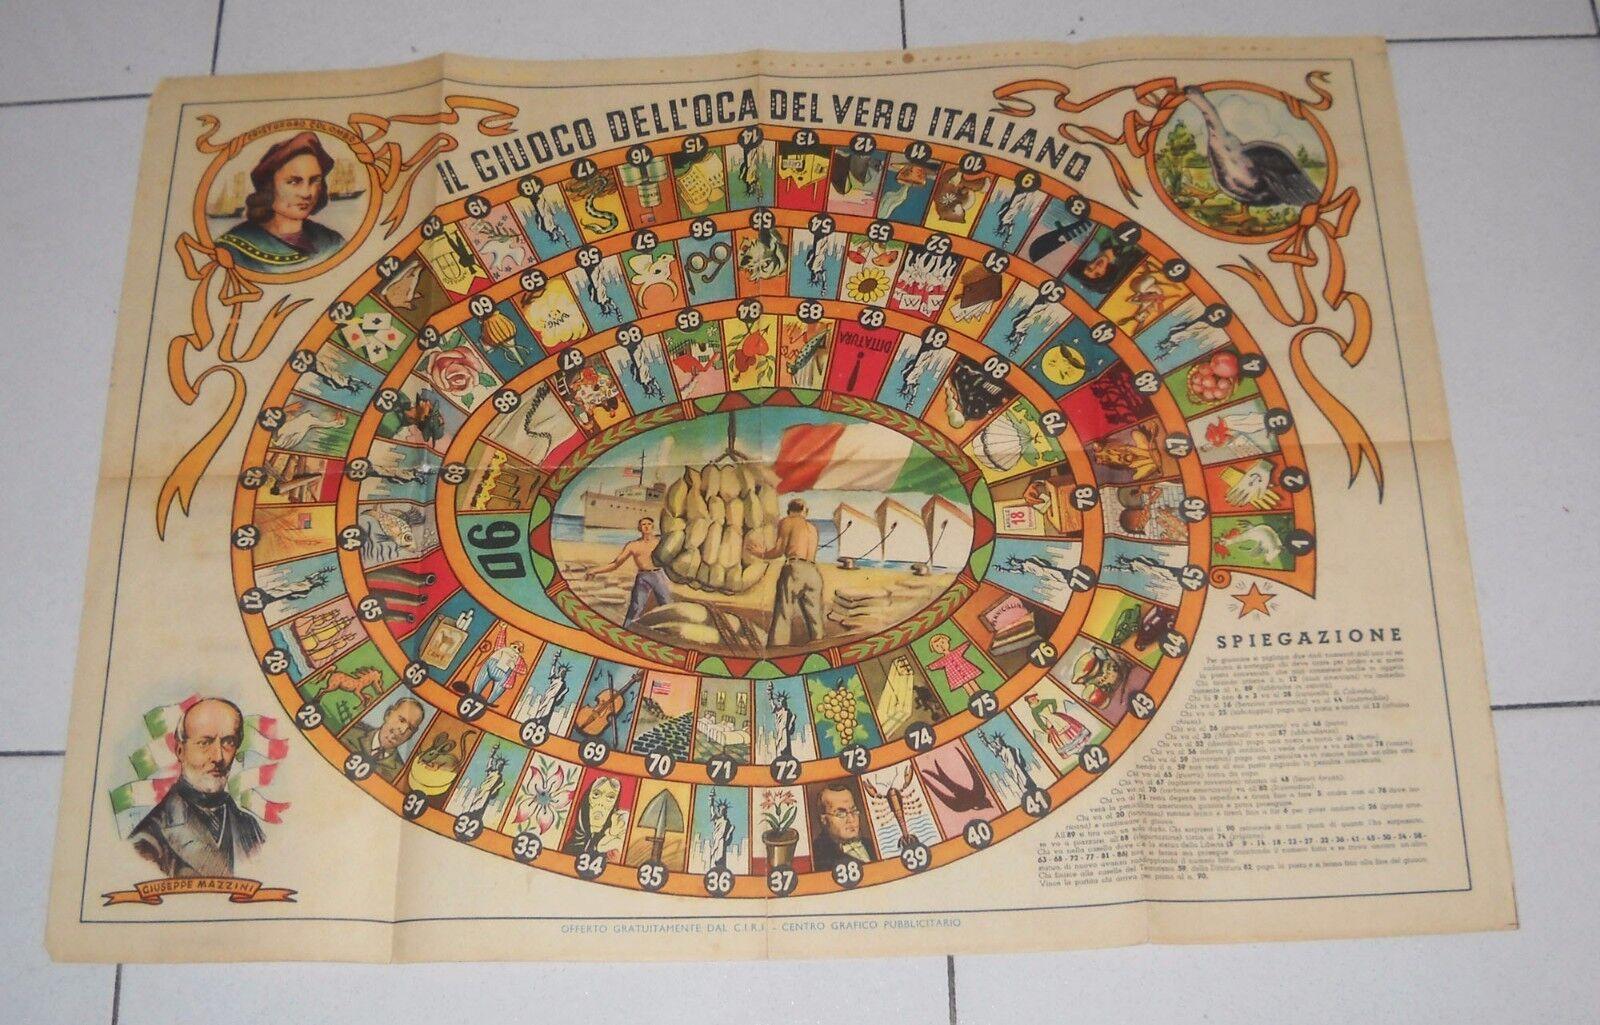 Das Spiel Dell'oca der wahr Italienisch -Kammern 1948 Italien Italien Italien Ebene Marshall 4b1b9b